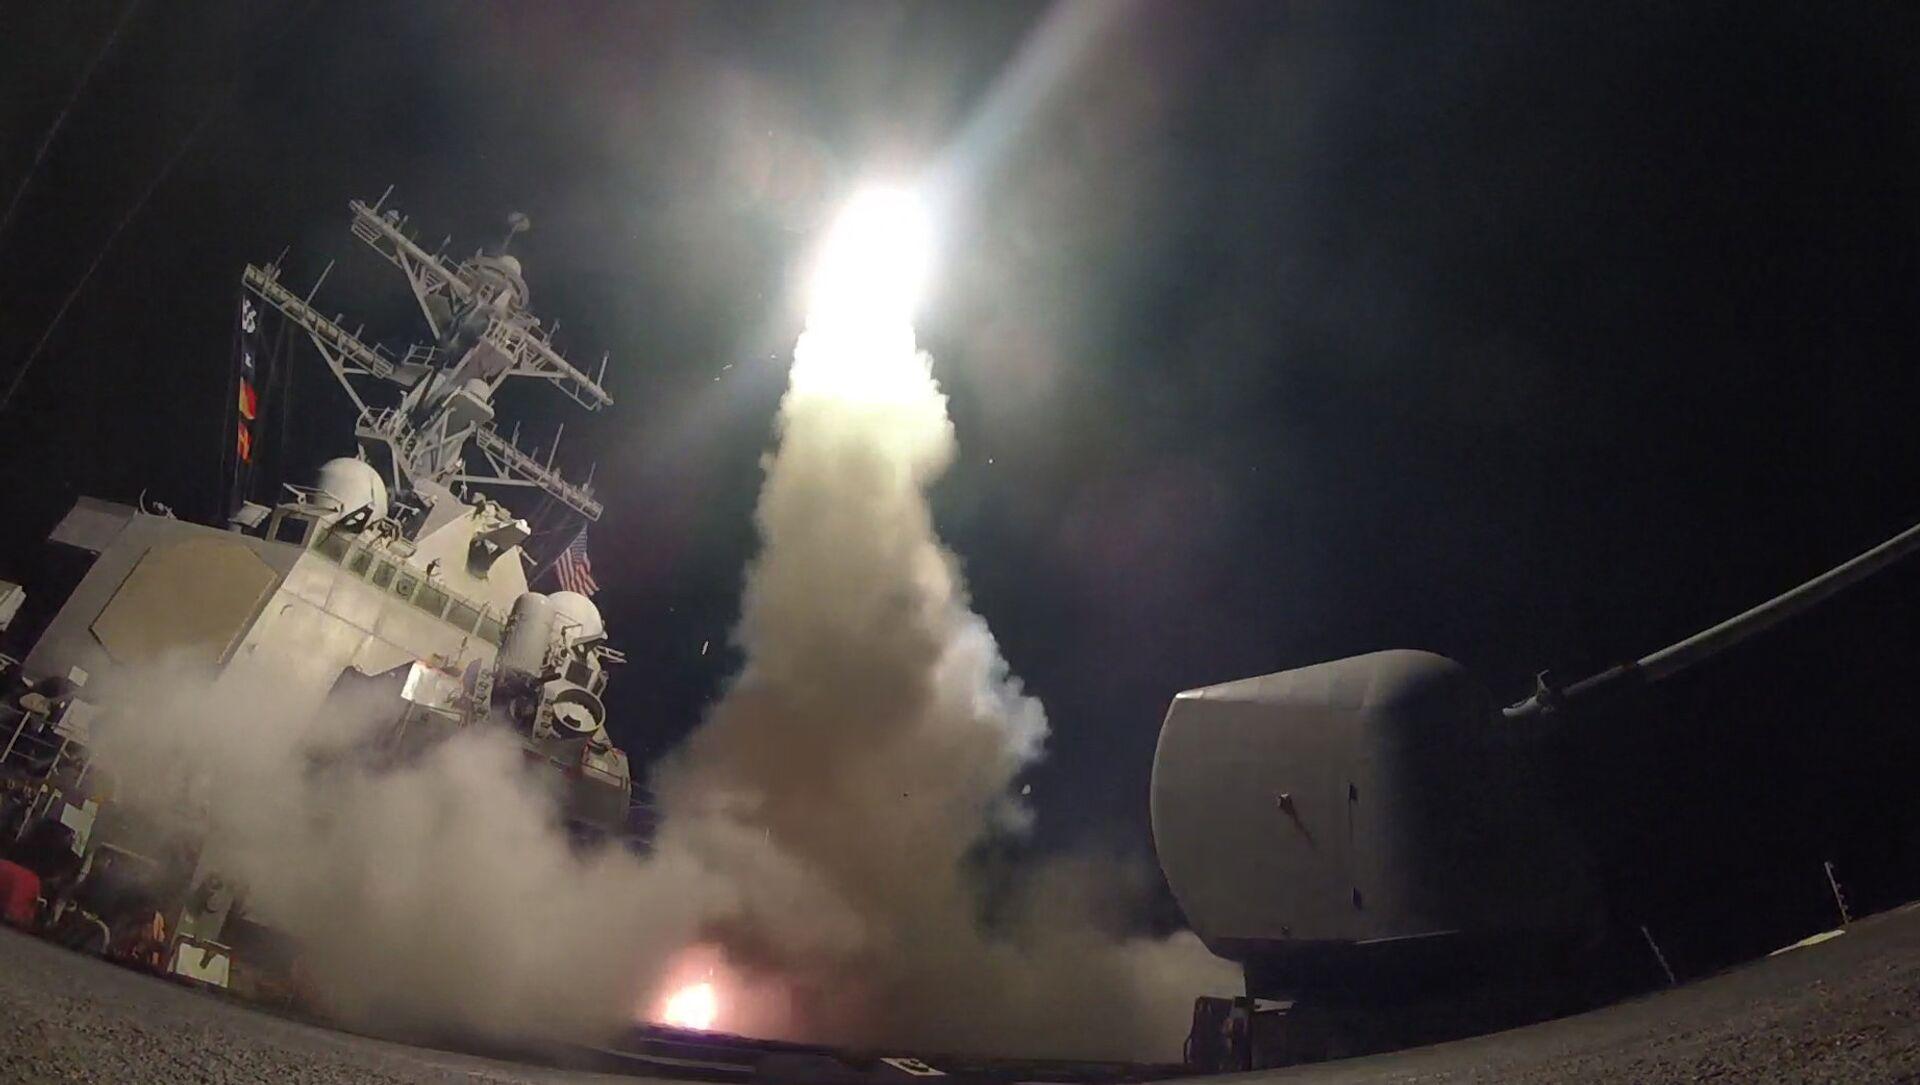 Gli USA hanno effettuato un attacco missilistico contro una base dell'esercito siriano. - Sputnik Italia, 1920, 30.04.2021